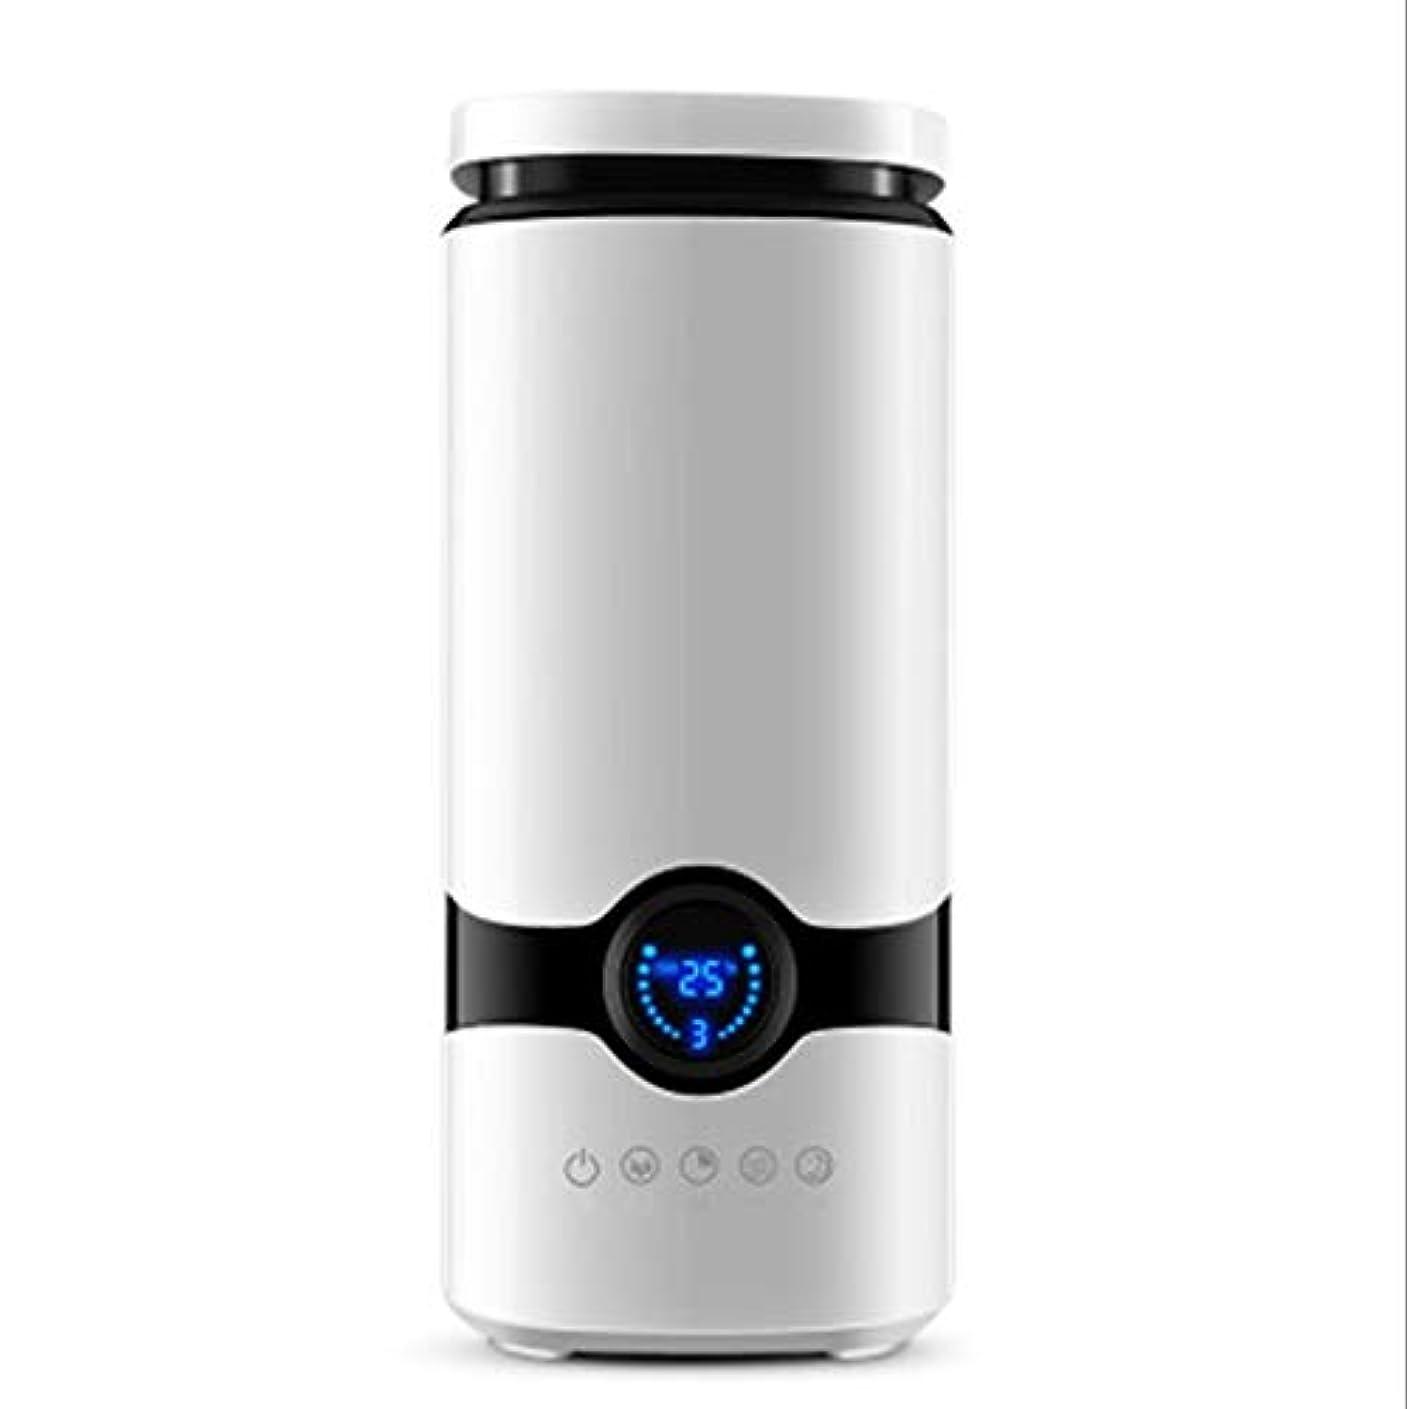 ブラシ気まぐれなシリアル4-6Lコールドミスト加湿器、40㎡寝室用超音波加湿器、大容量蒸発器、静かな自動閉鎖ディフューザー (Color : White)